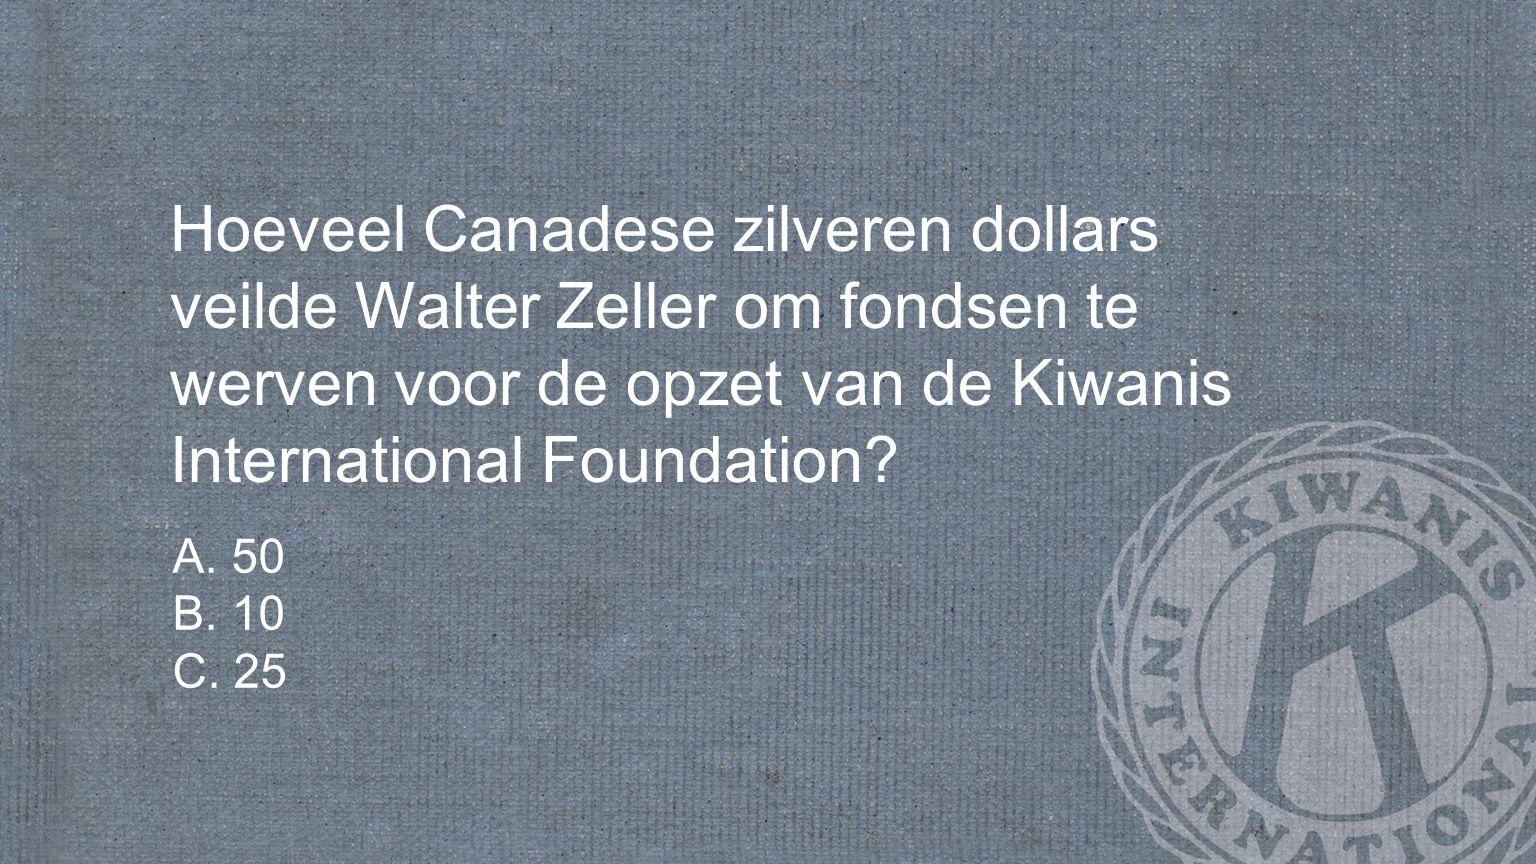 Hoeveel Canadese zilveren dollars veilde Walter Zeller om fondsen te werven voor de opzet van de Kiwanis International Foundation.